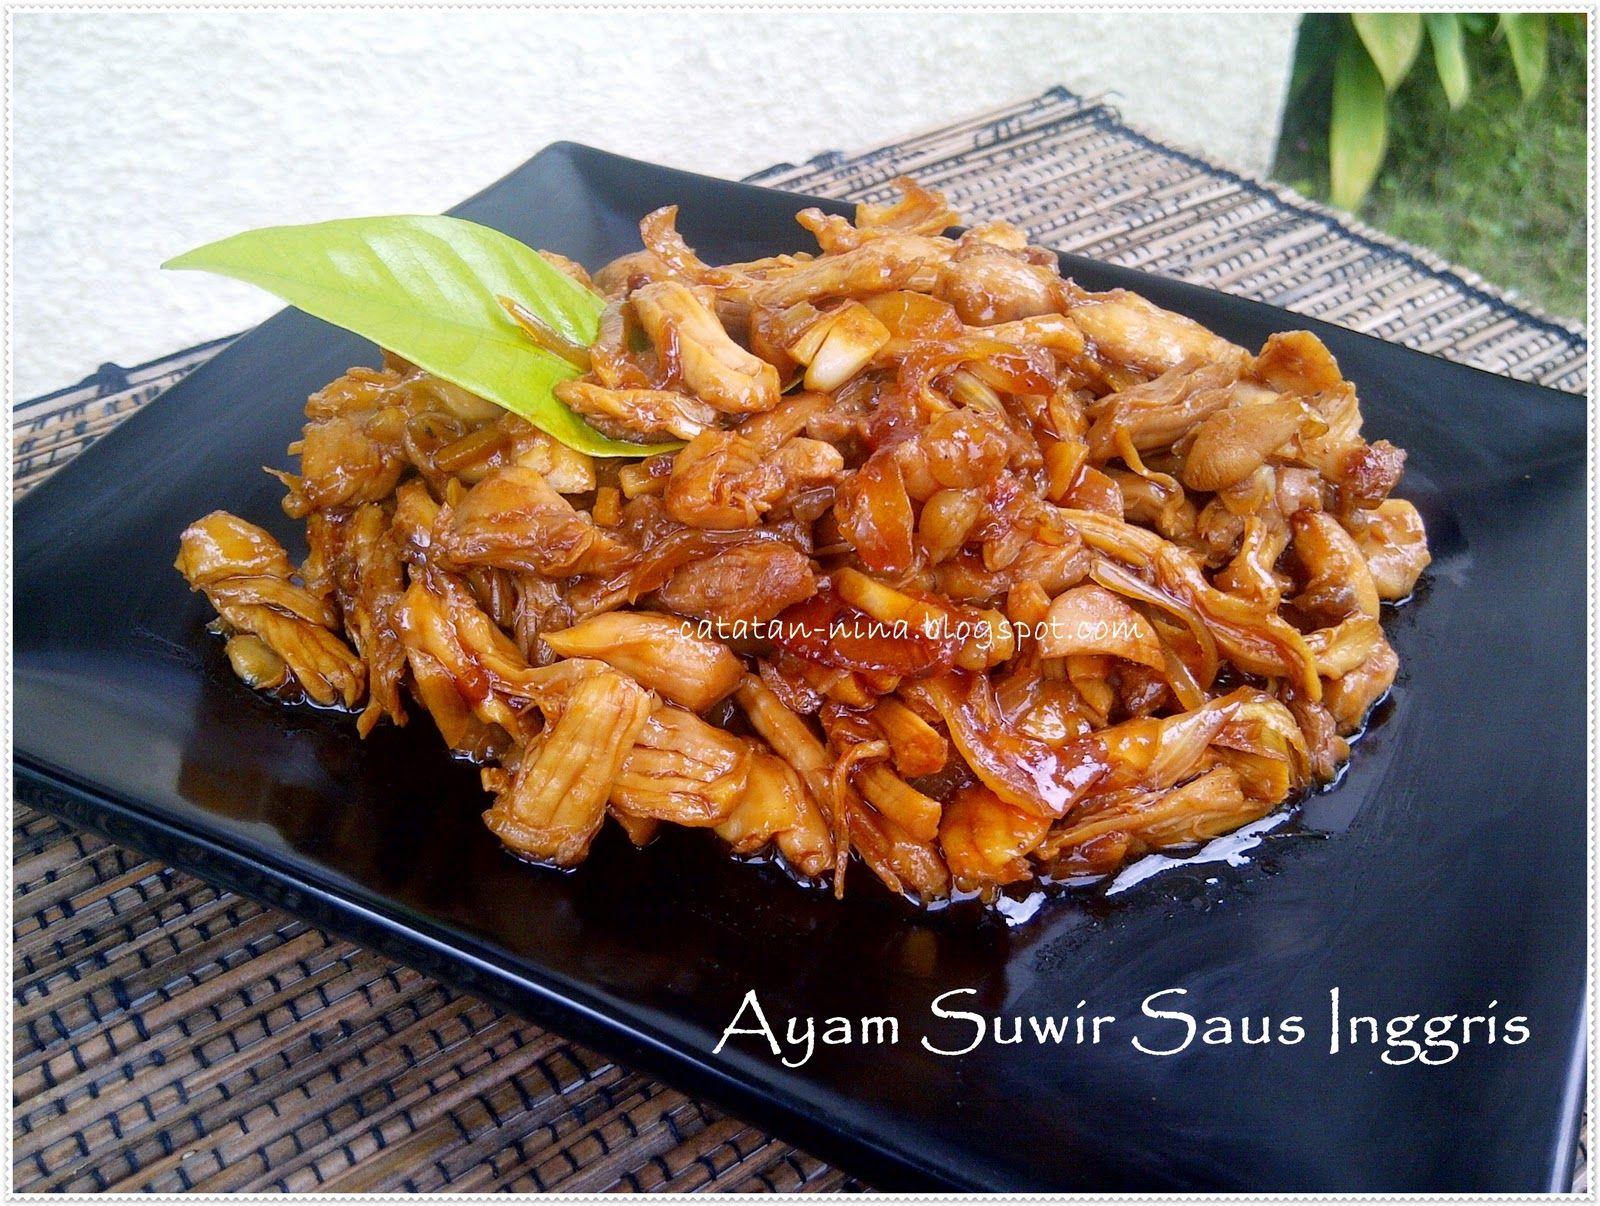 Blog Resep Masakan Dan Minuman Resep Kue Pasta Aneka Goreng Dan Kukus Ala Rumah Menjadi Mewah Dan Mudah Makan Malam Resep Masakan Resep Masakan Indonesia